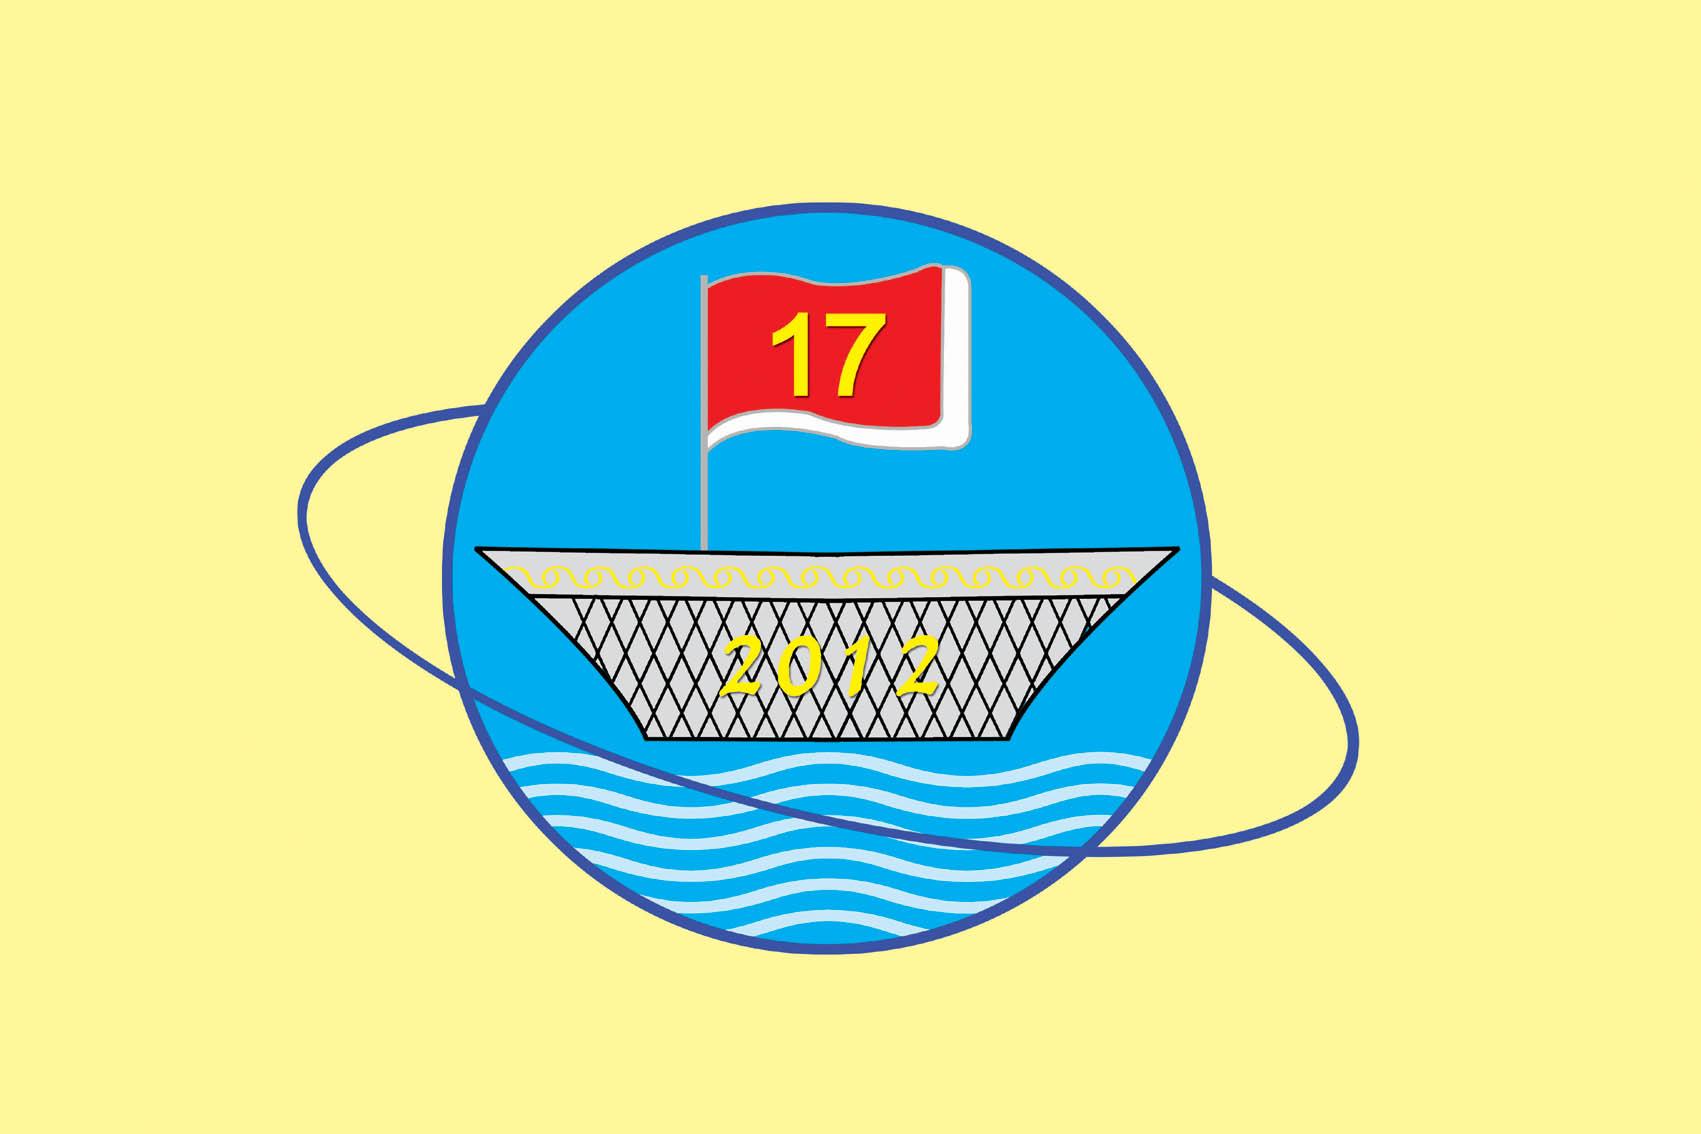 运动会班旗设计图展示